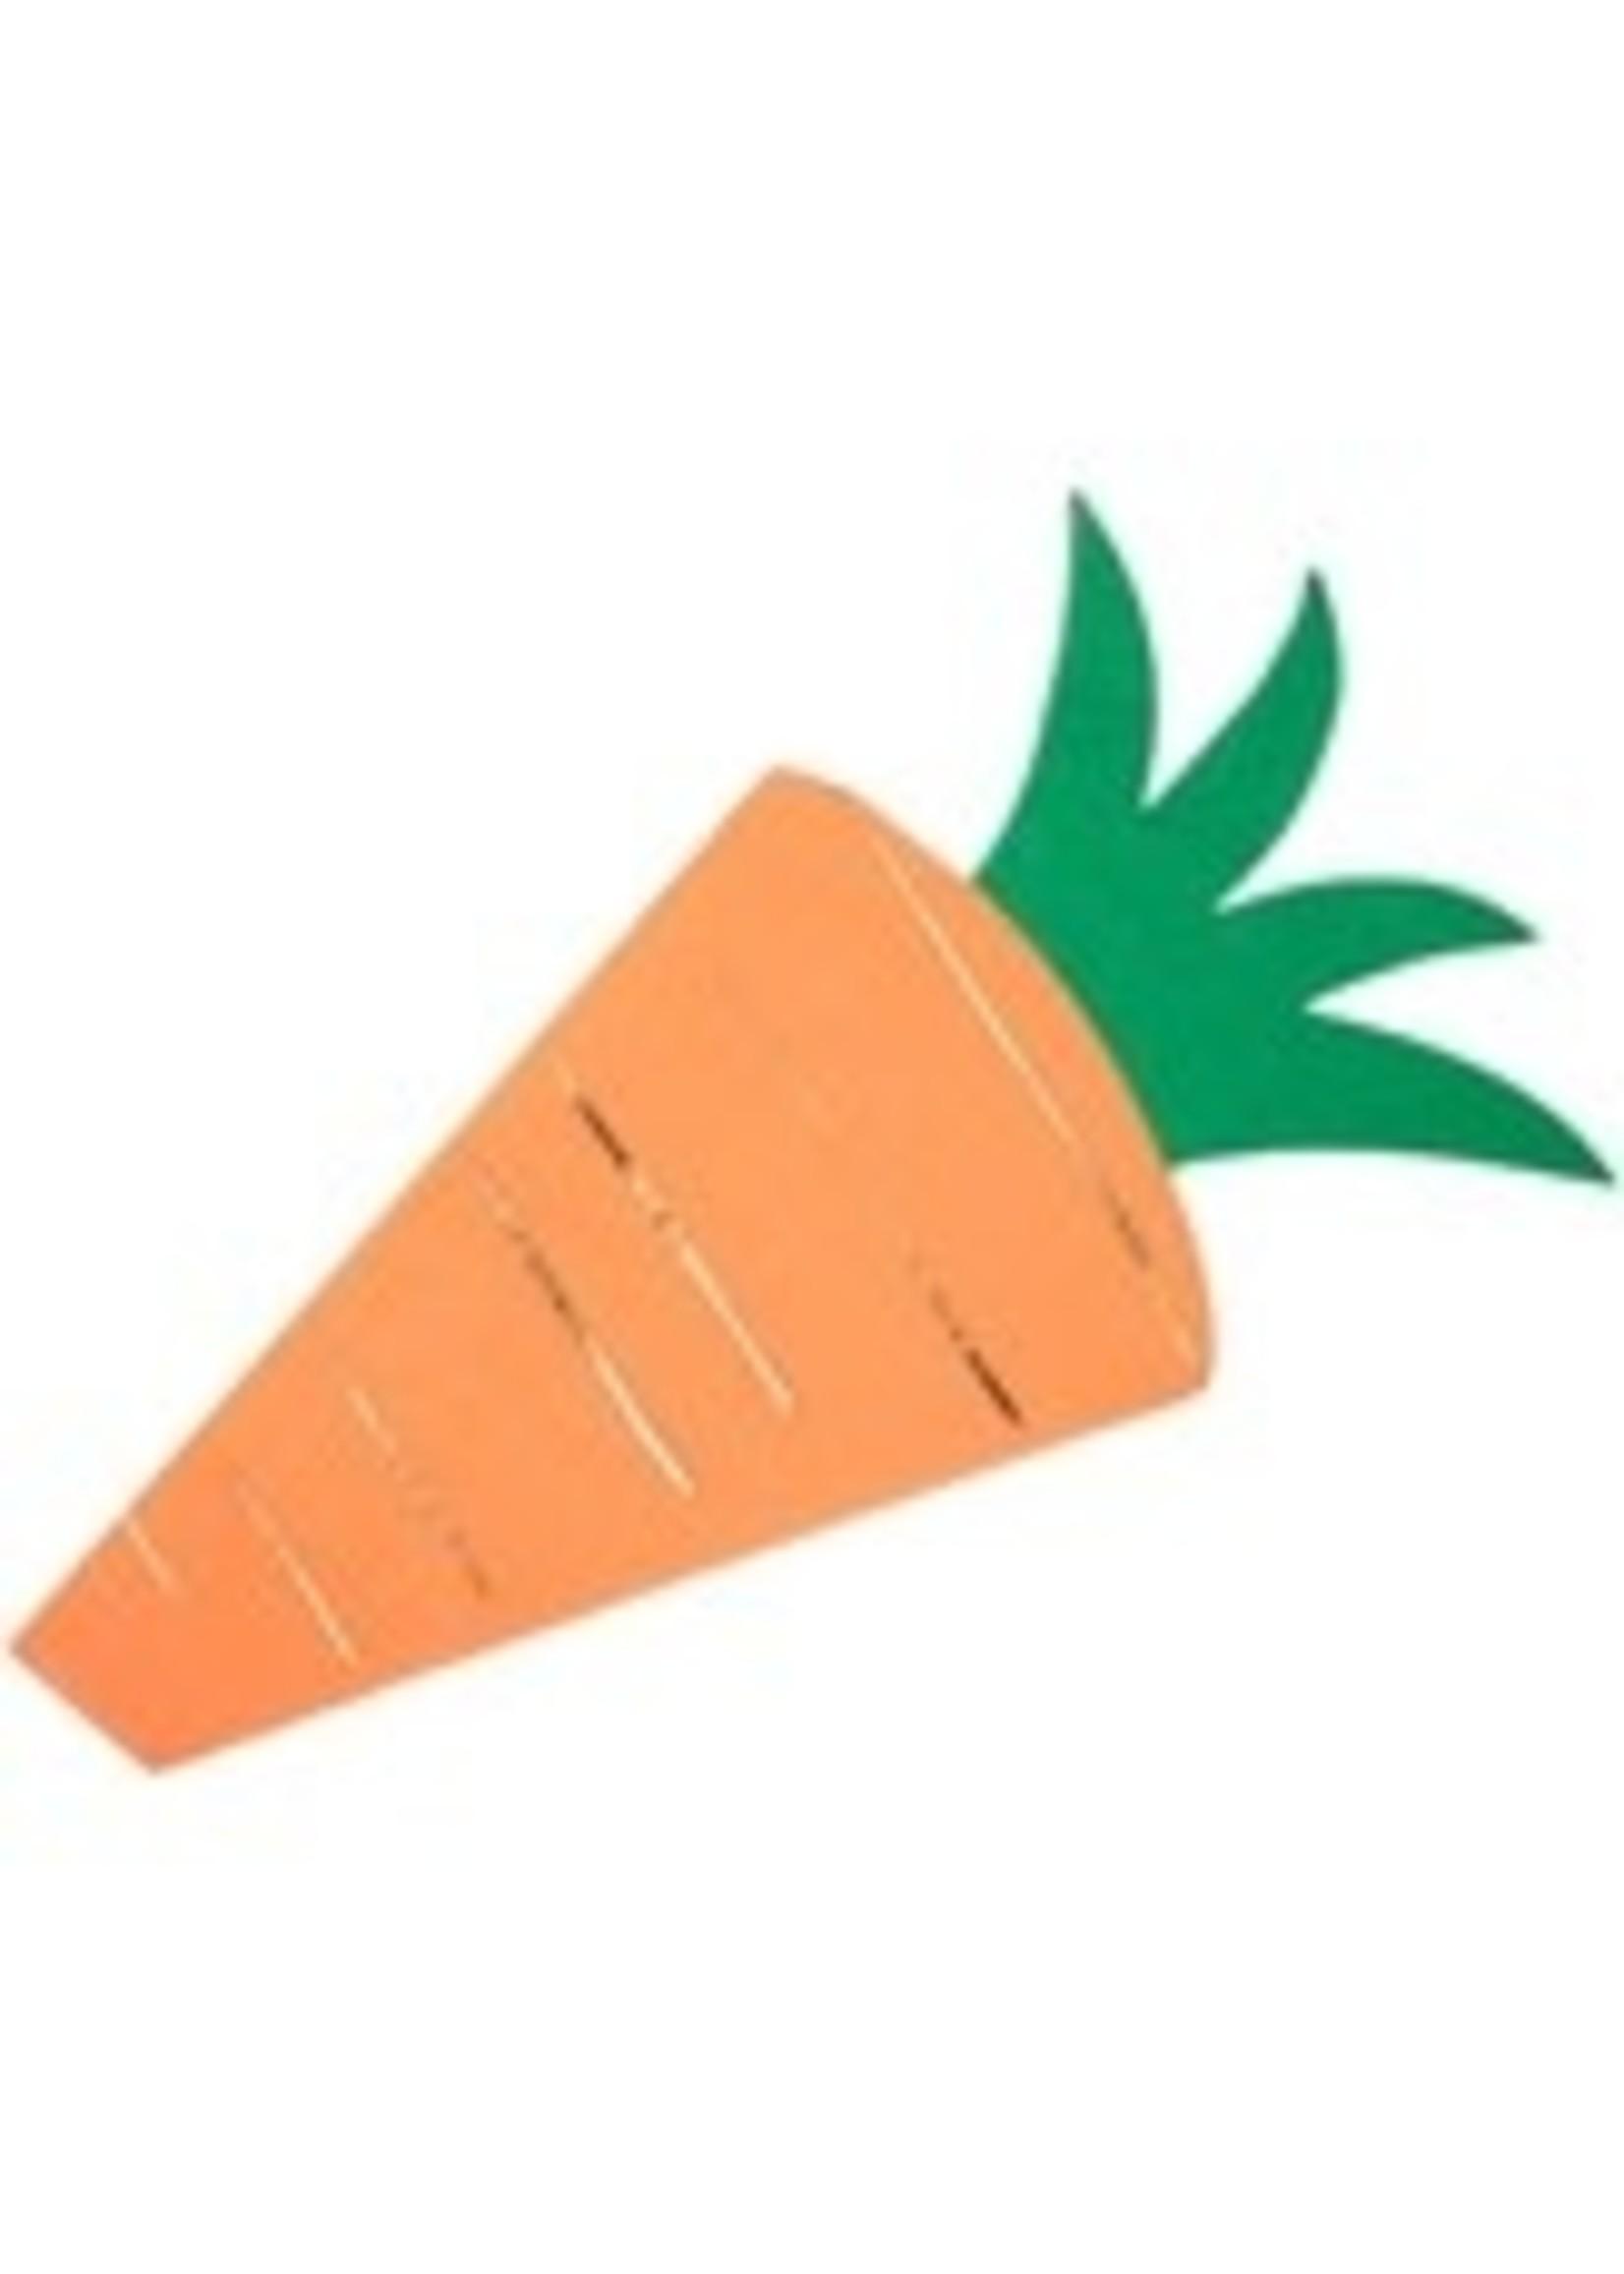 Meri Meri Paper Napkin - Carrot